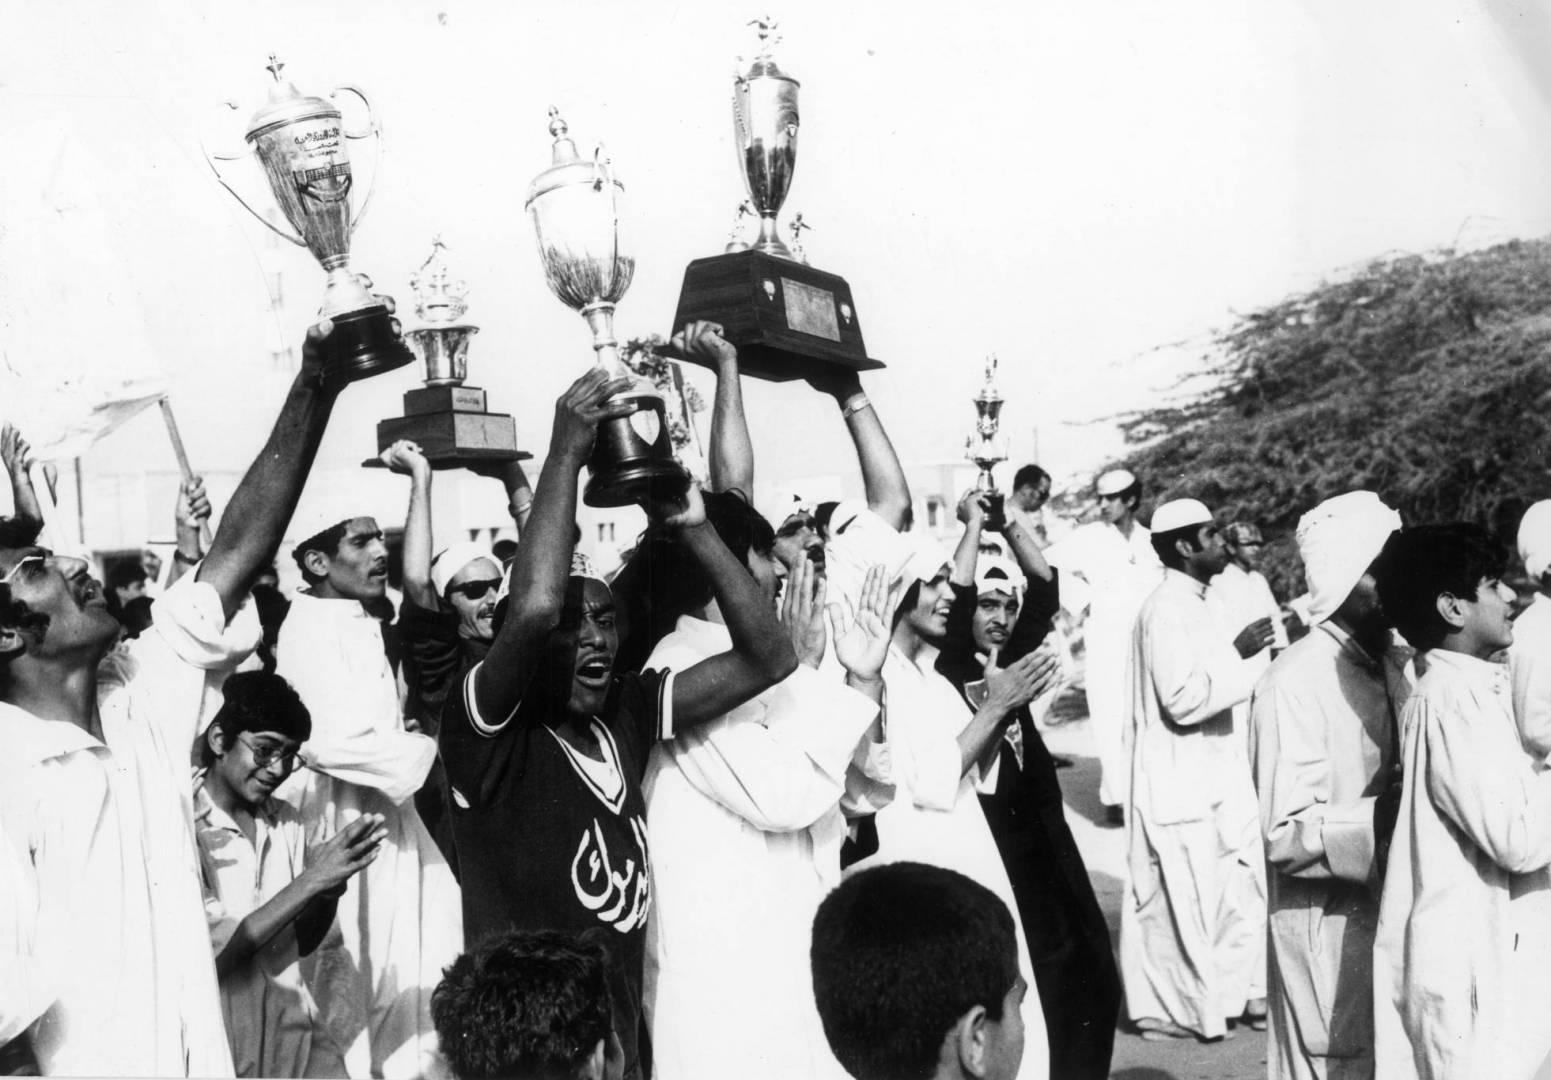 أهالي جزيرة فيلكا تخرج لاستقبال كأس الأمير.. صورة أرشيفية